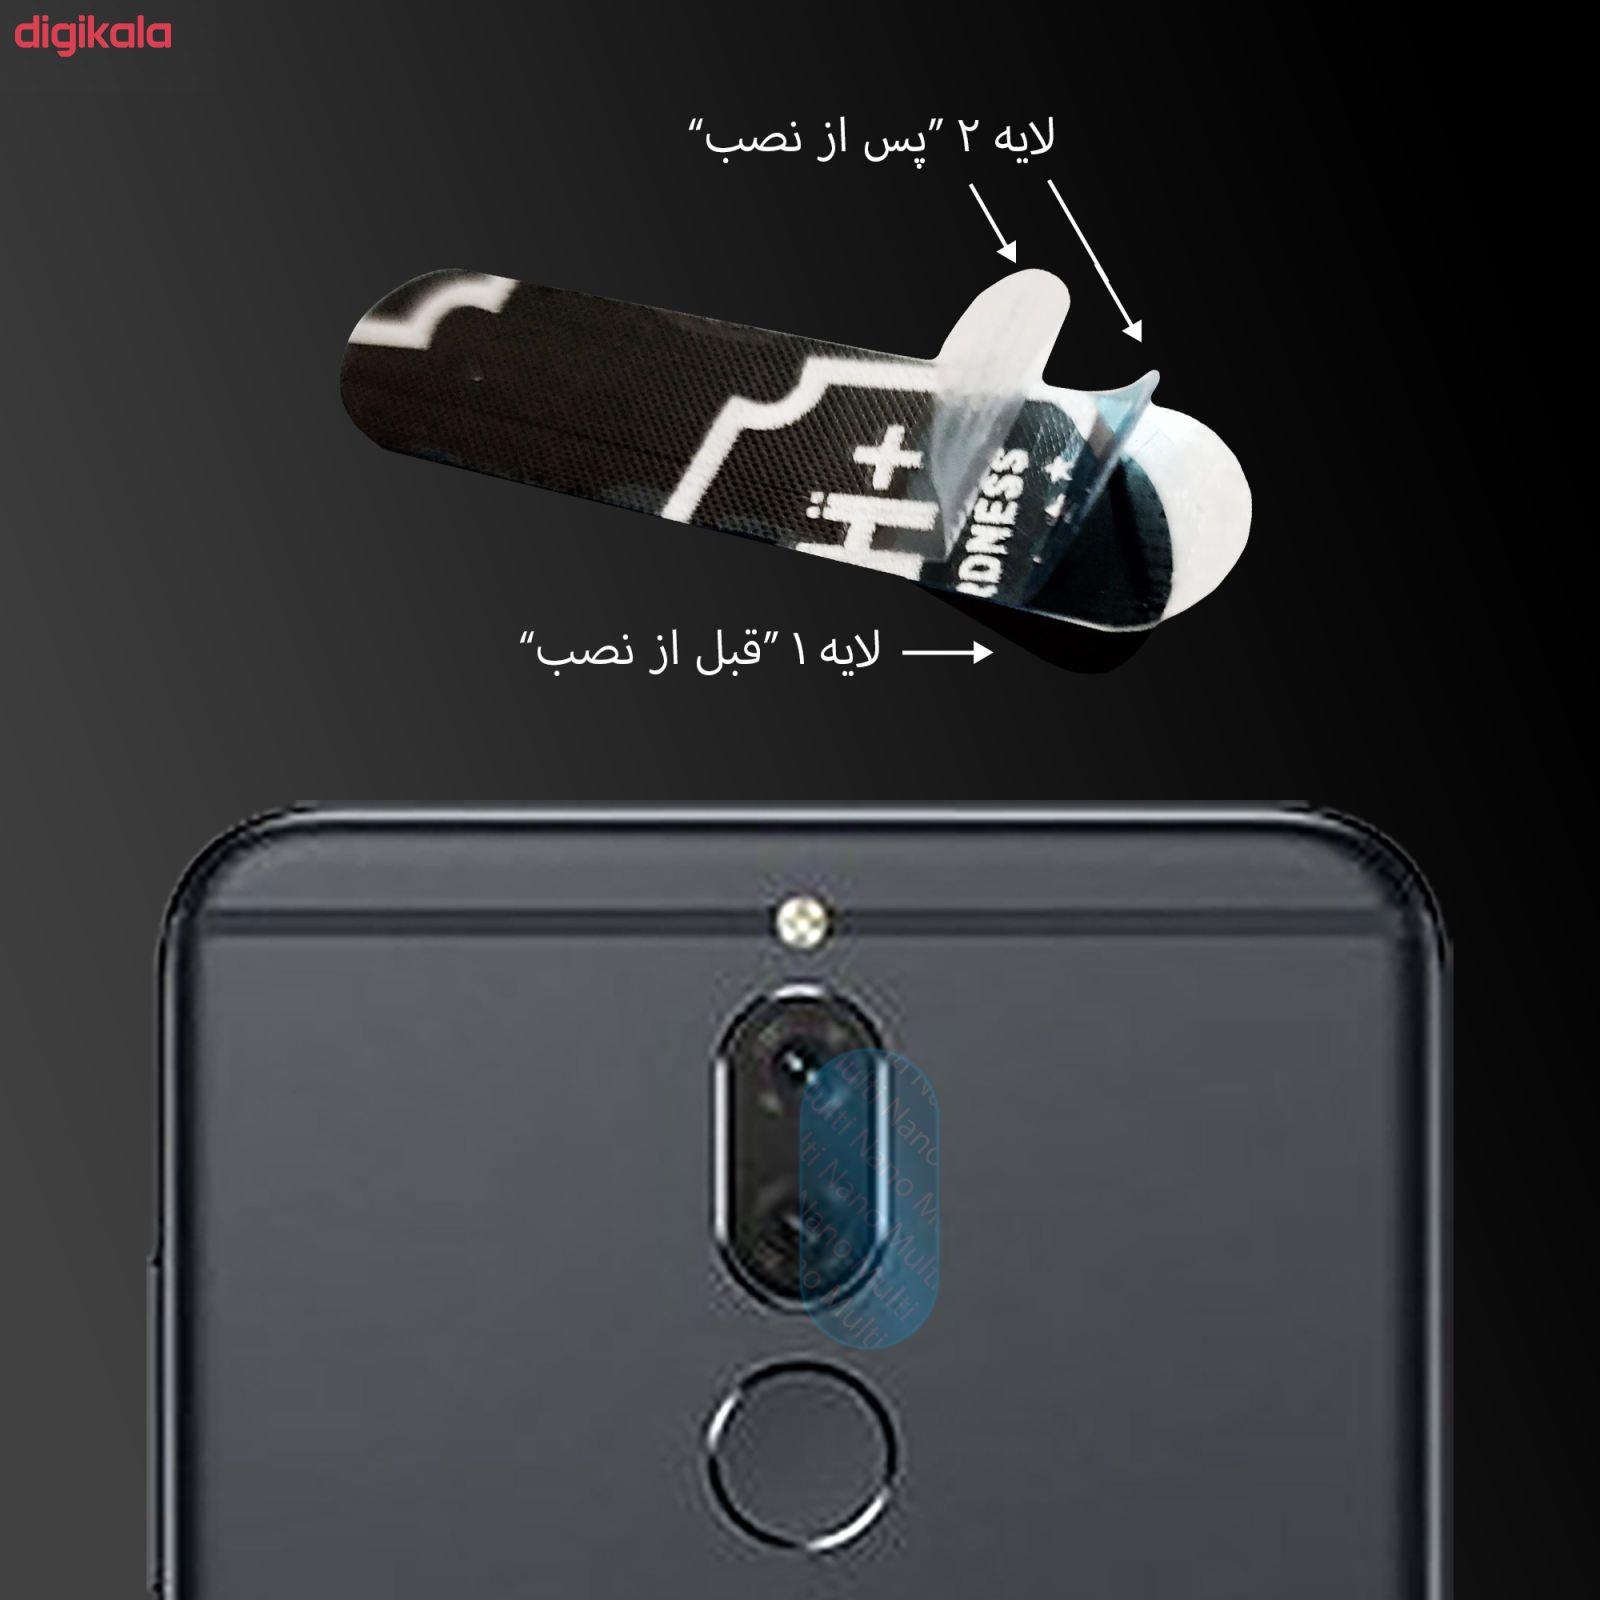 محافظ لنز دوربین مدل bt-18 مناسب برای گوشی موبایل شیائومی Redmi Note 8 main 1 1